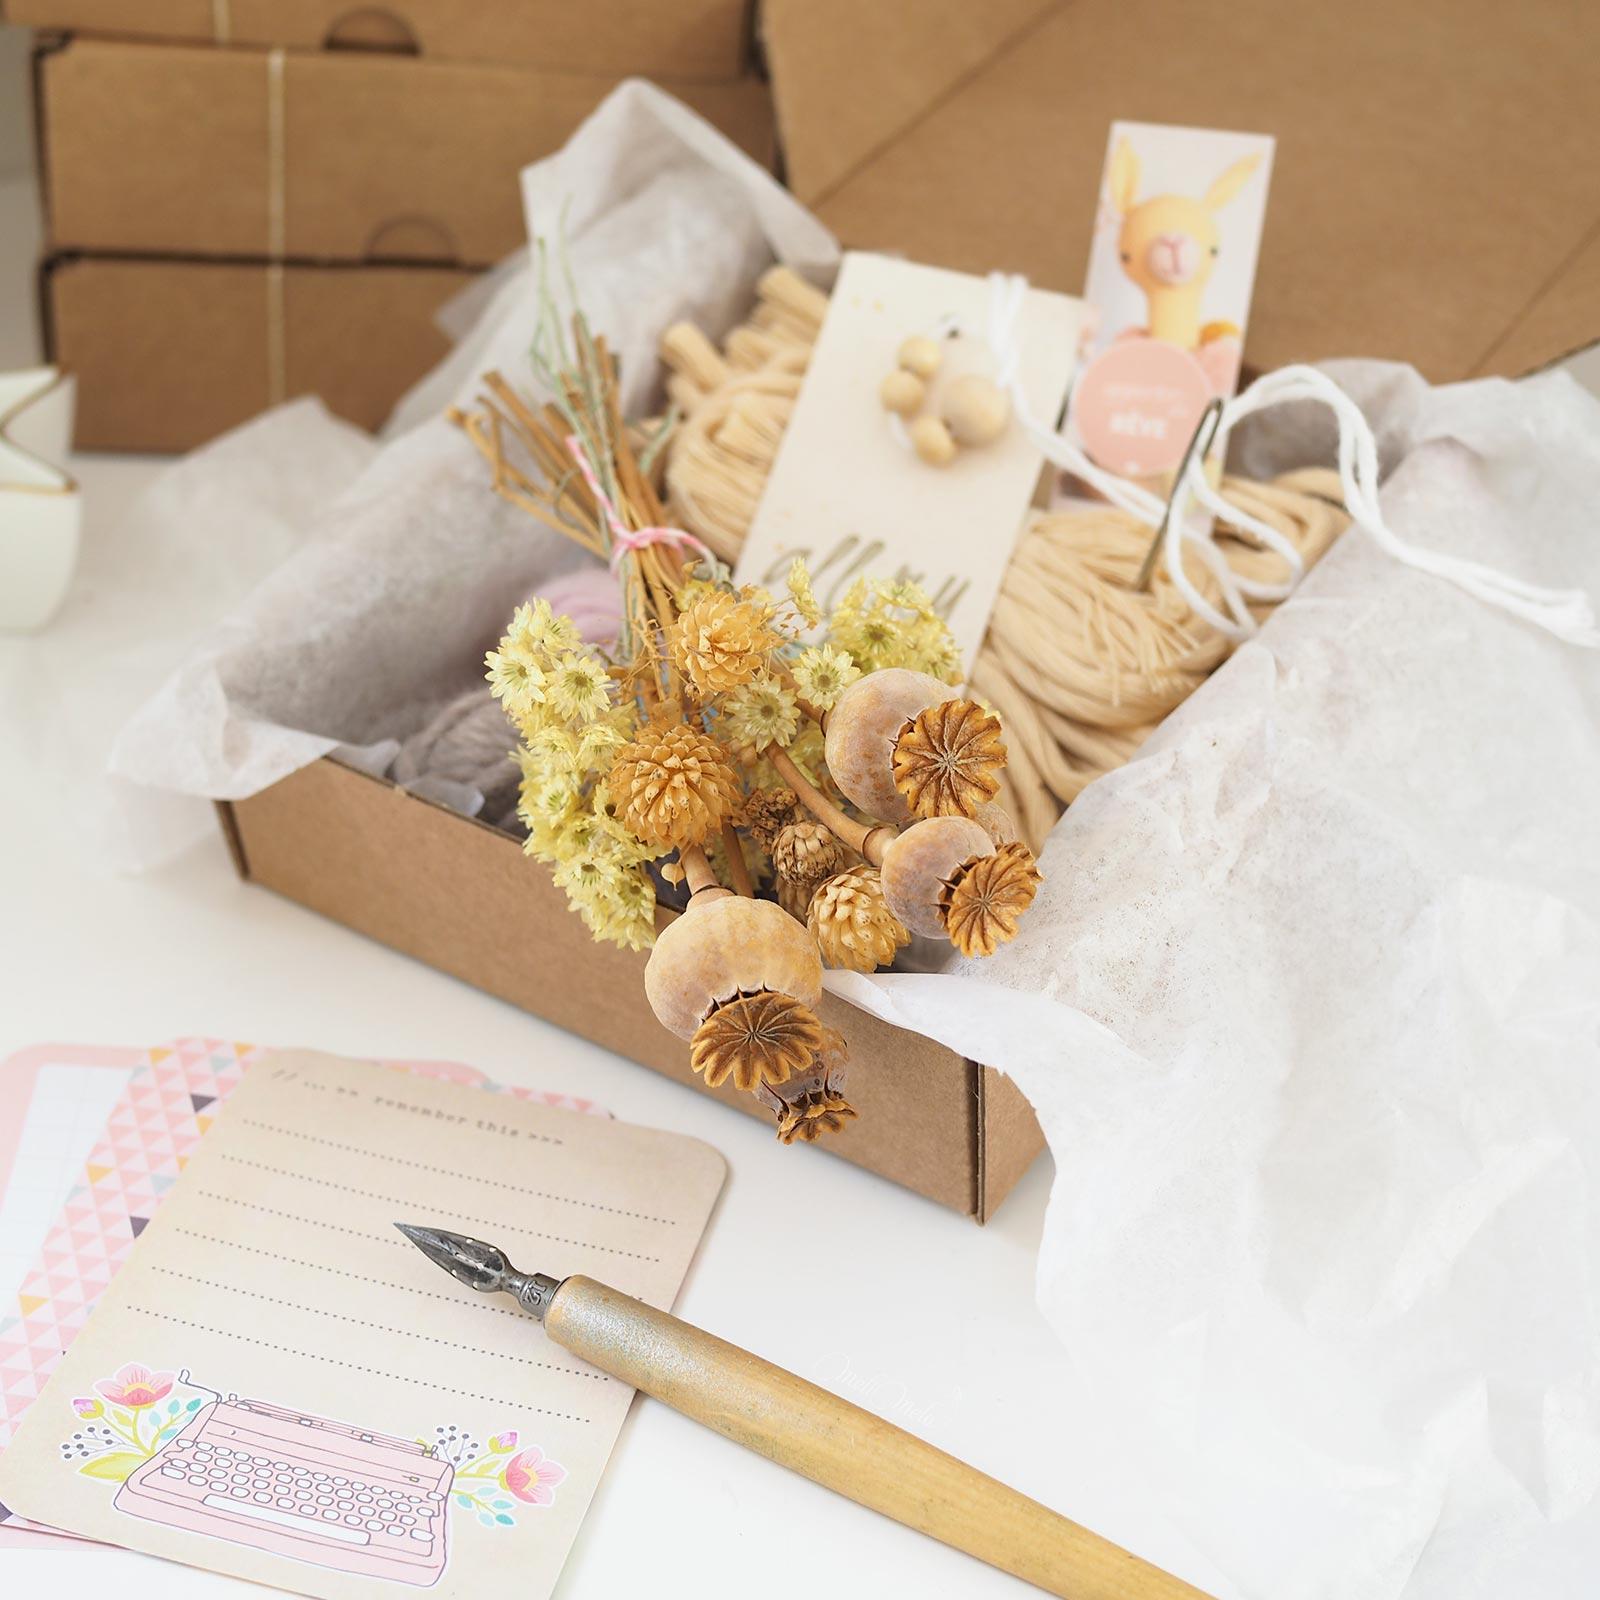 kit-DIY-laine-bouquet-pavots-la boutique de melimelo